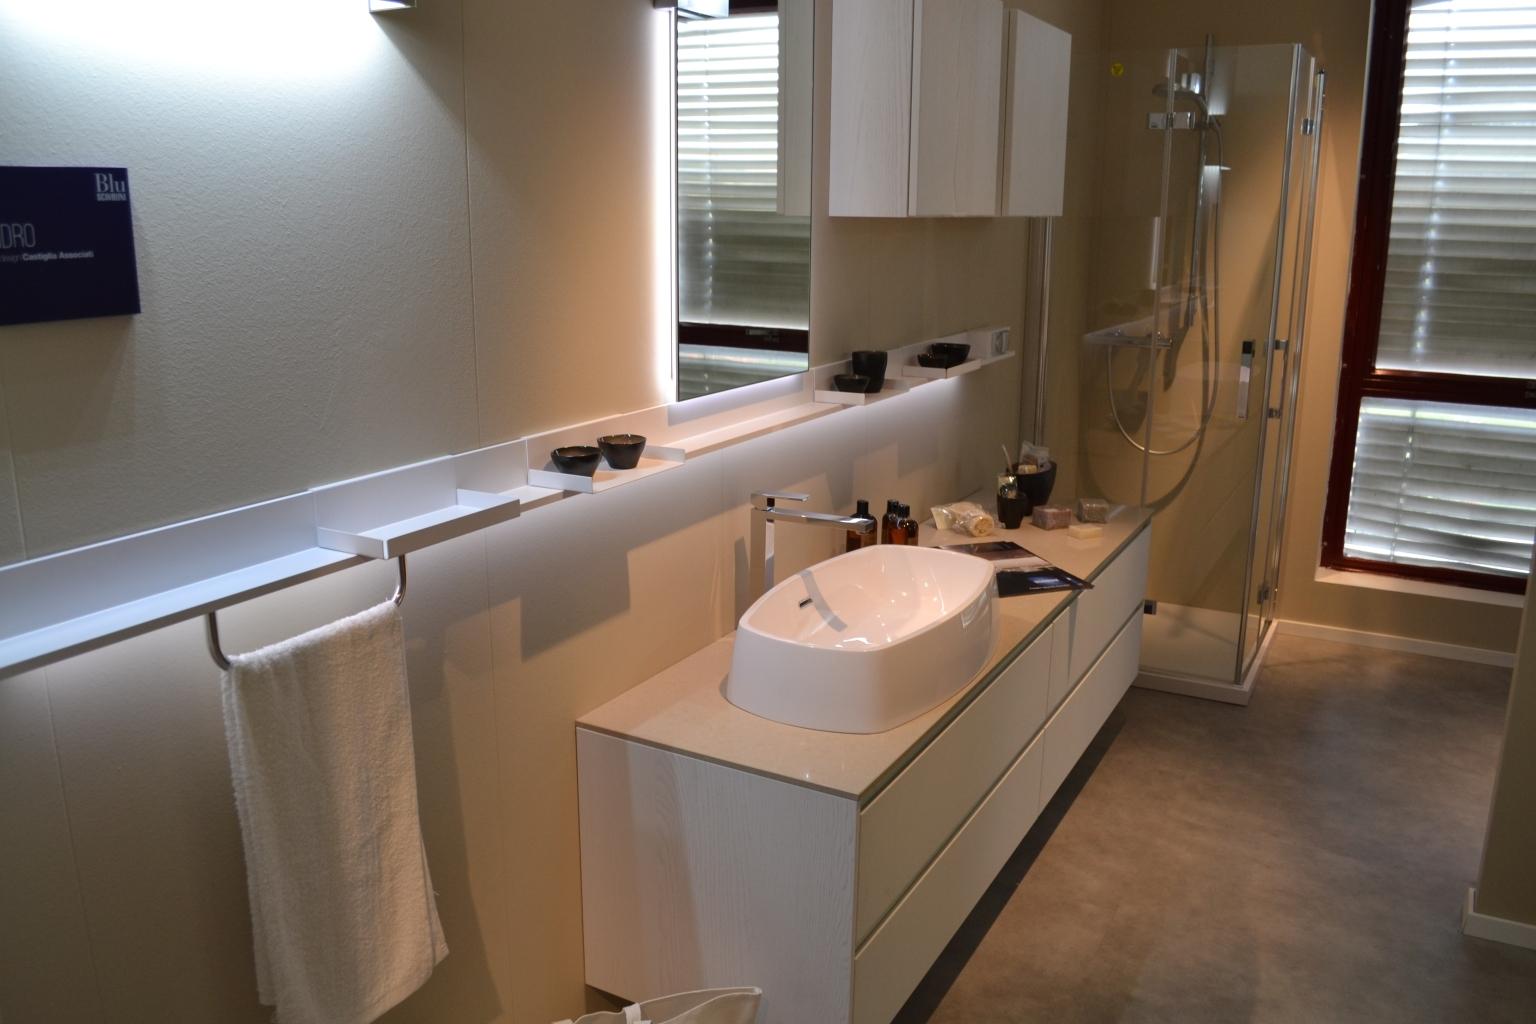 scavolini bathrooms rivo scavolini design legno - arredo bagno a ... - Arredo Bagno Brescia